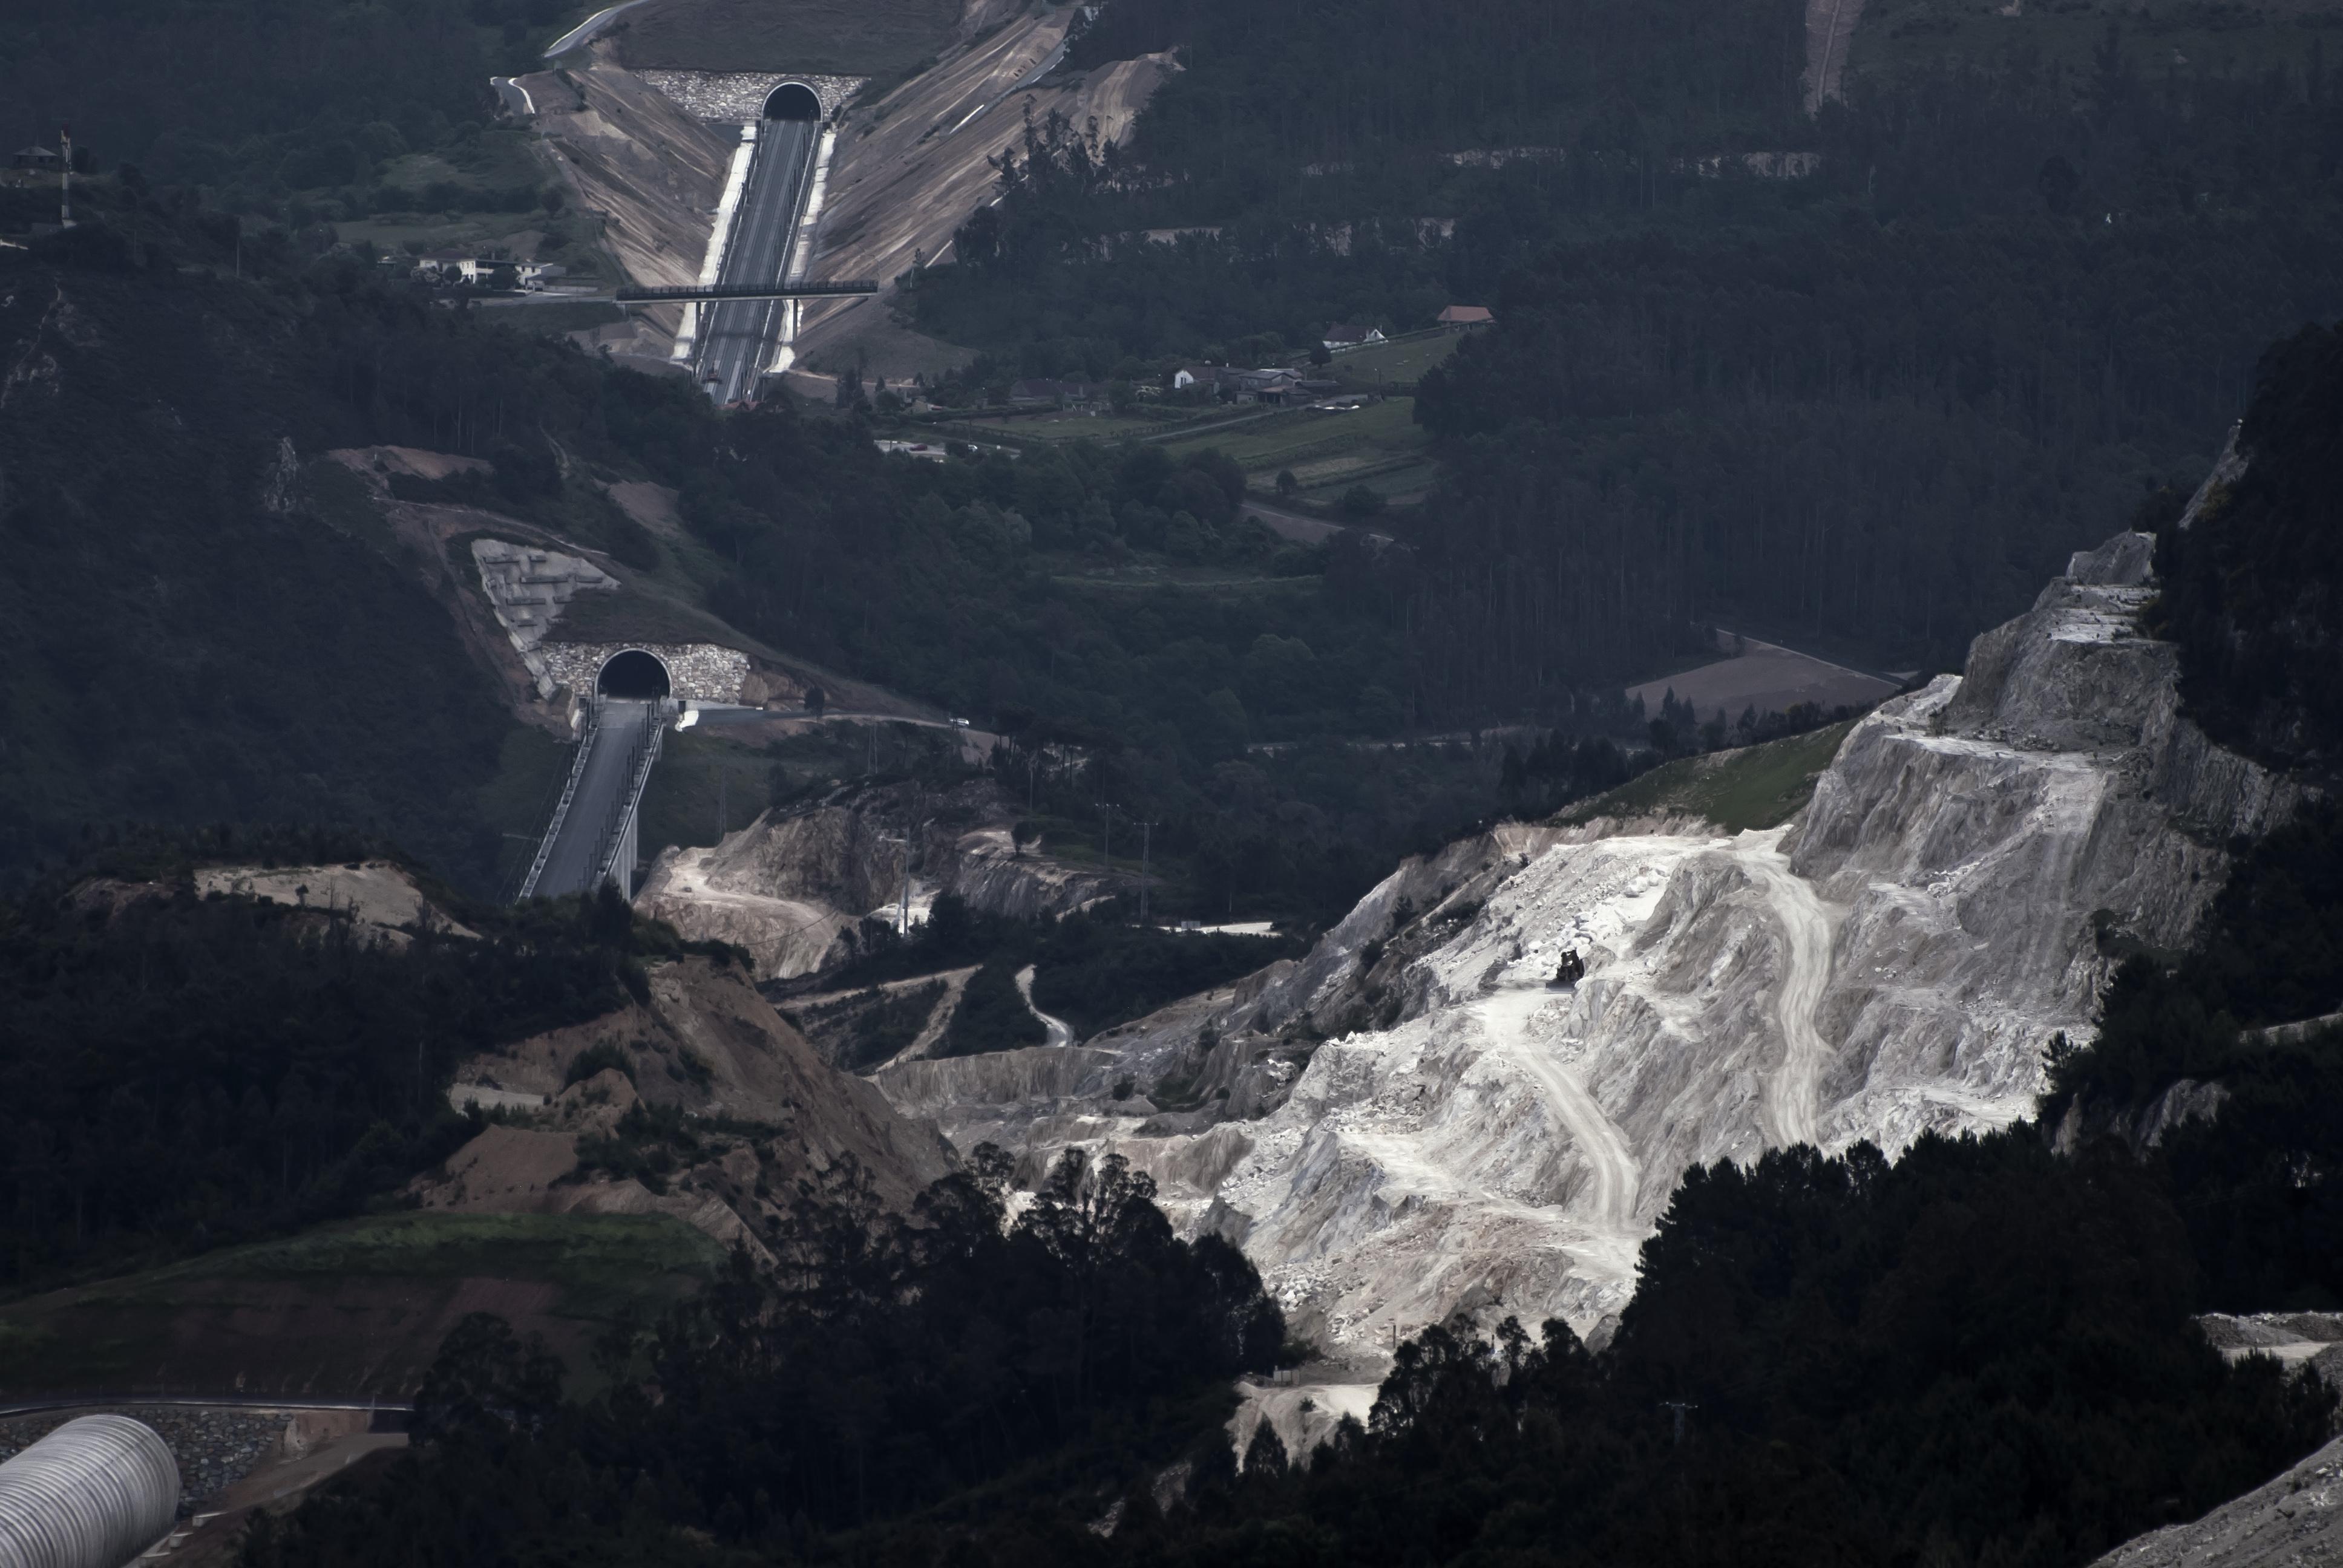 Os ecoloxistas queren